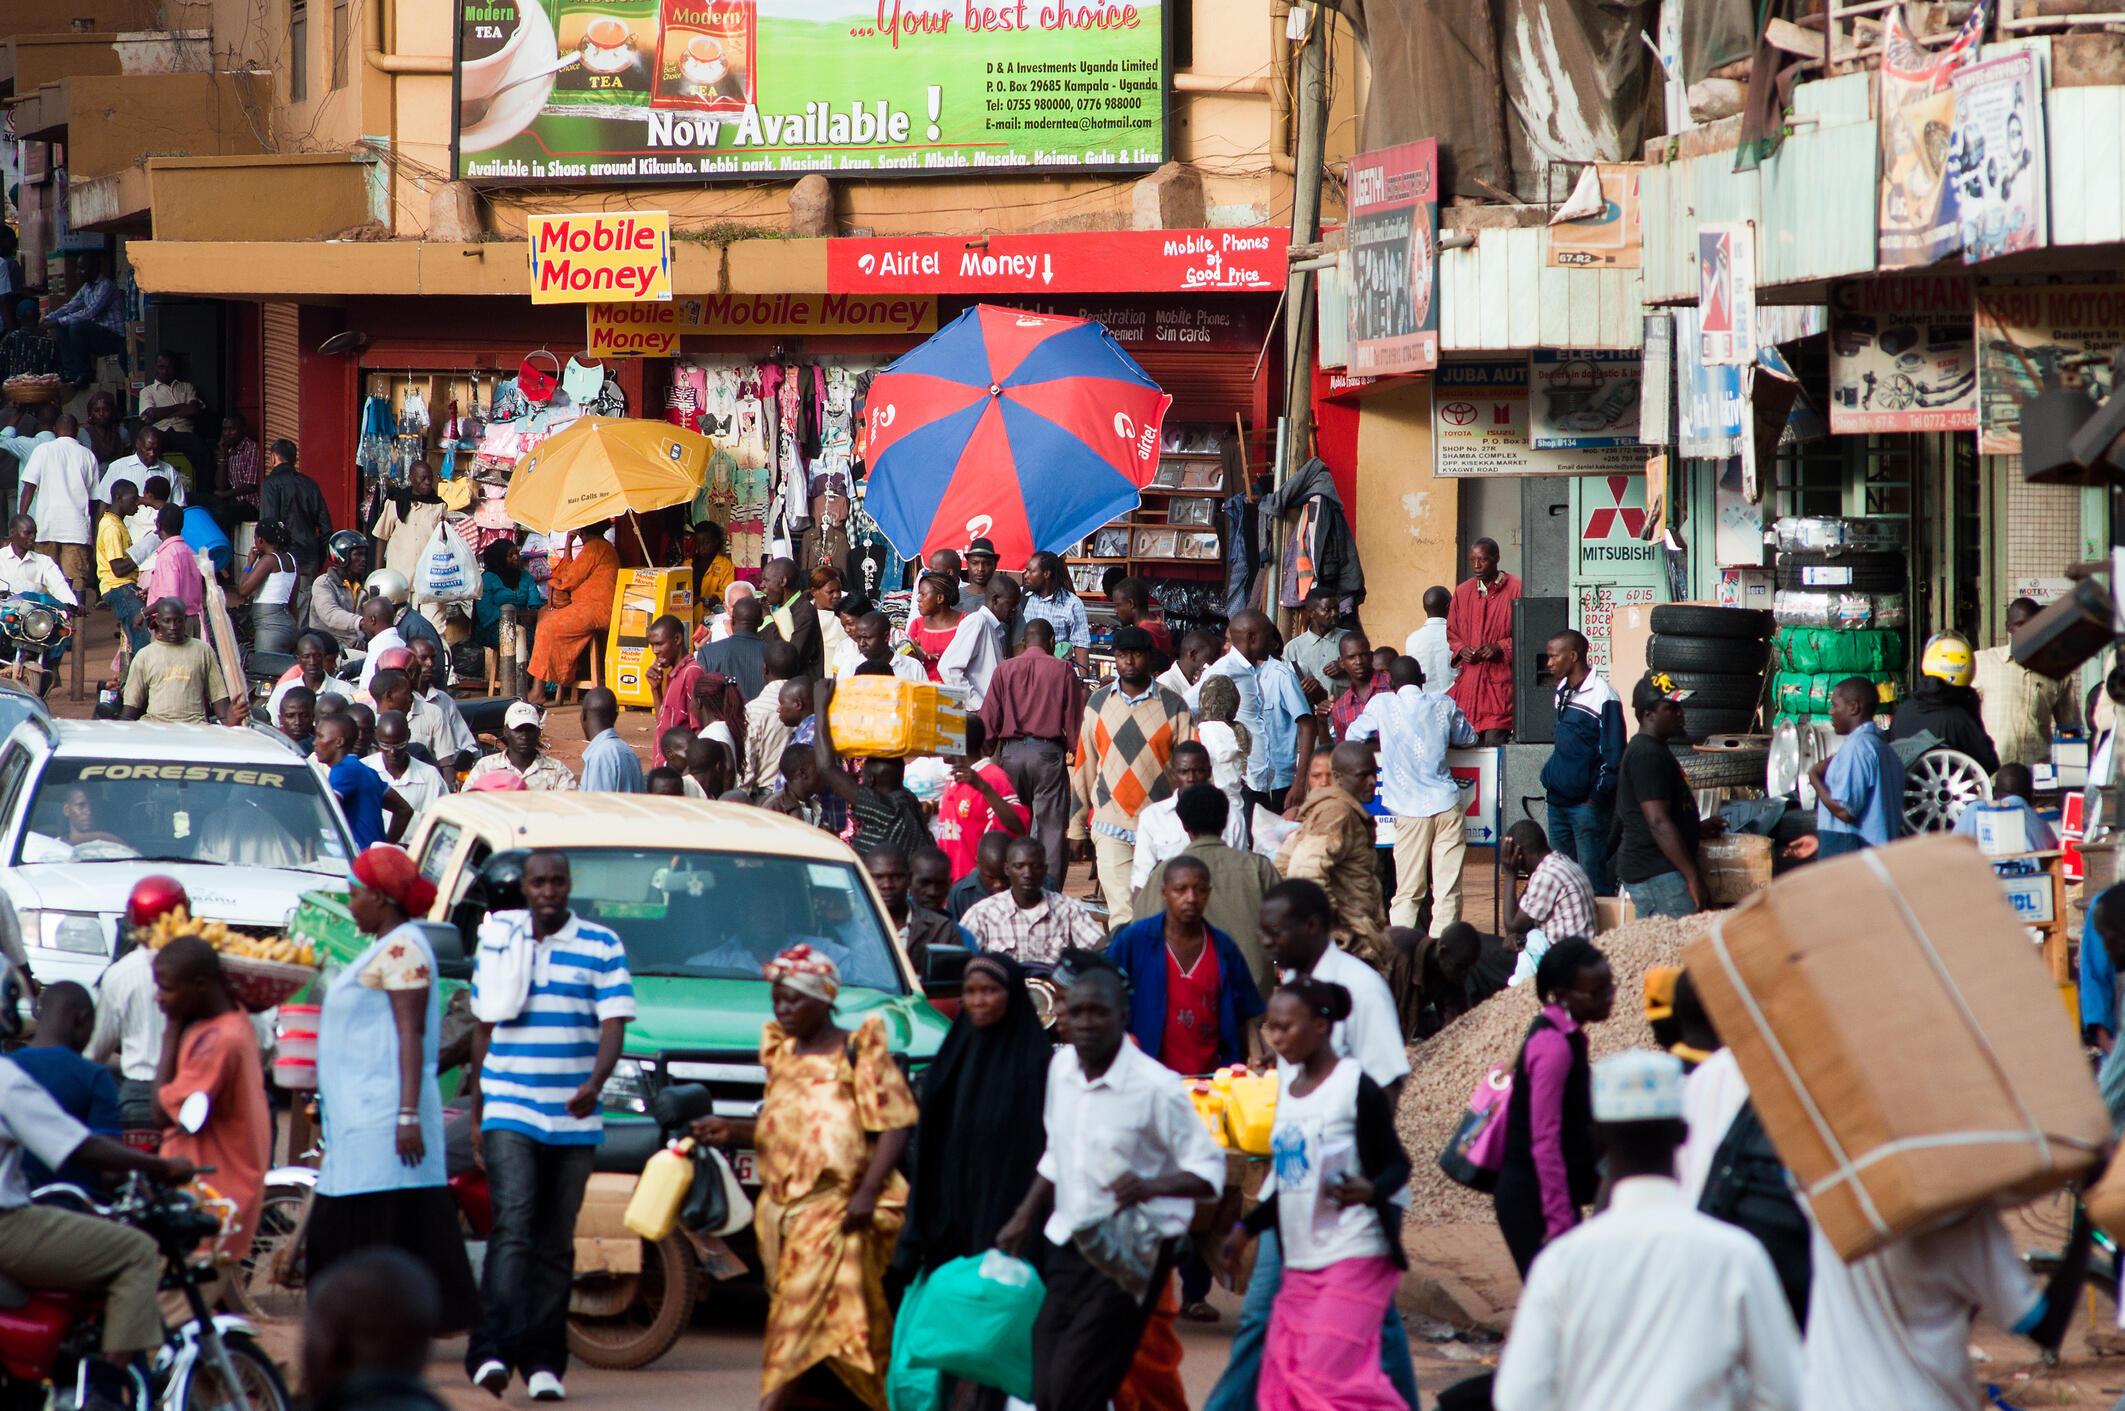 Le salaire moyen en Ouganda est évalué à 200 000 shillings.